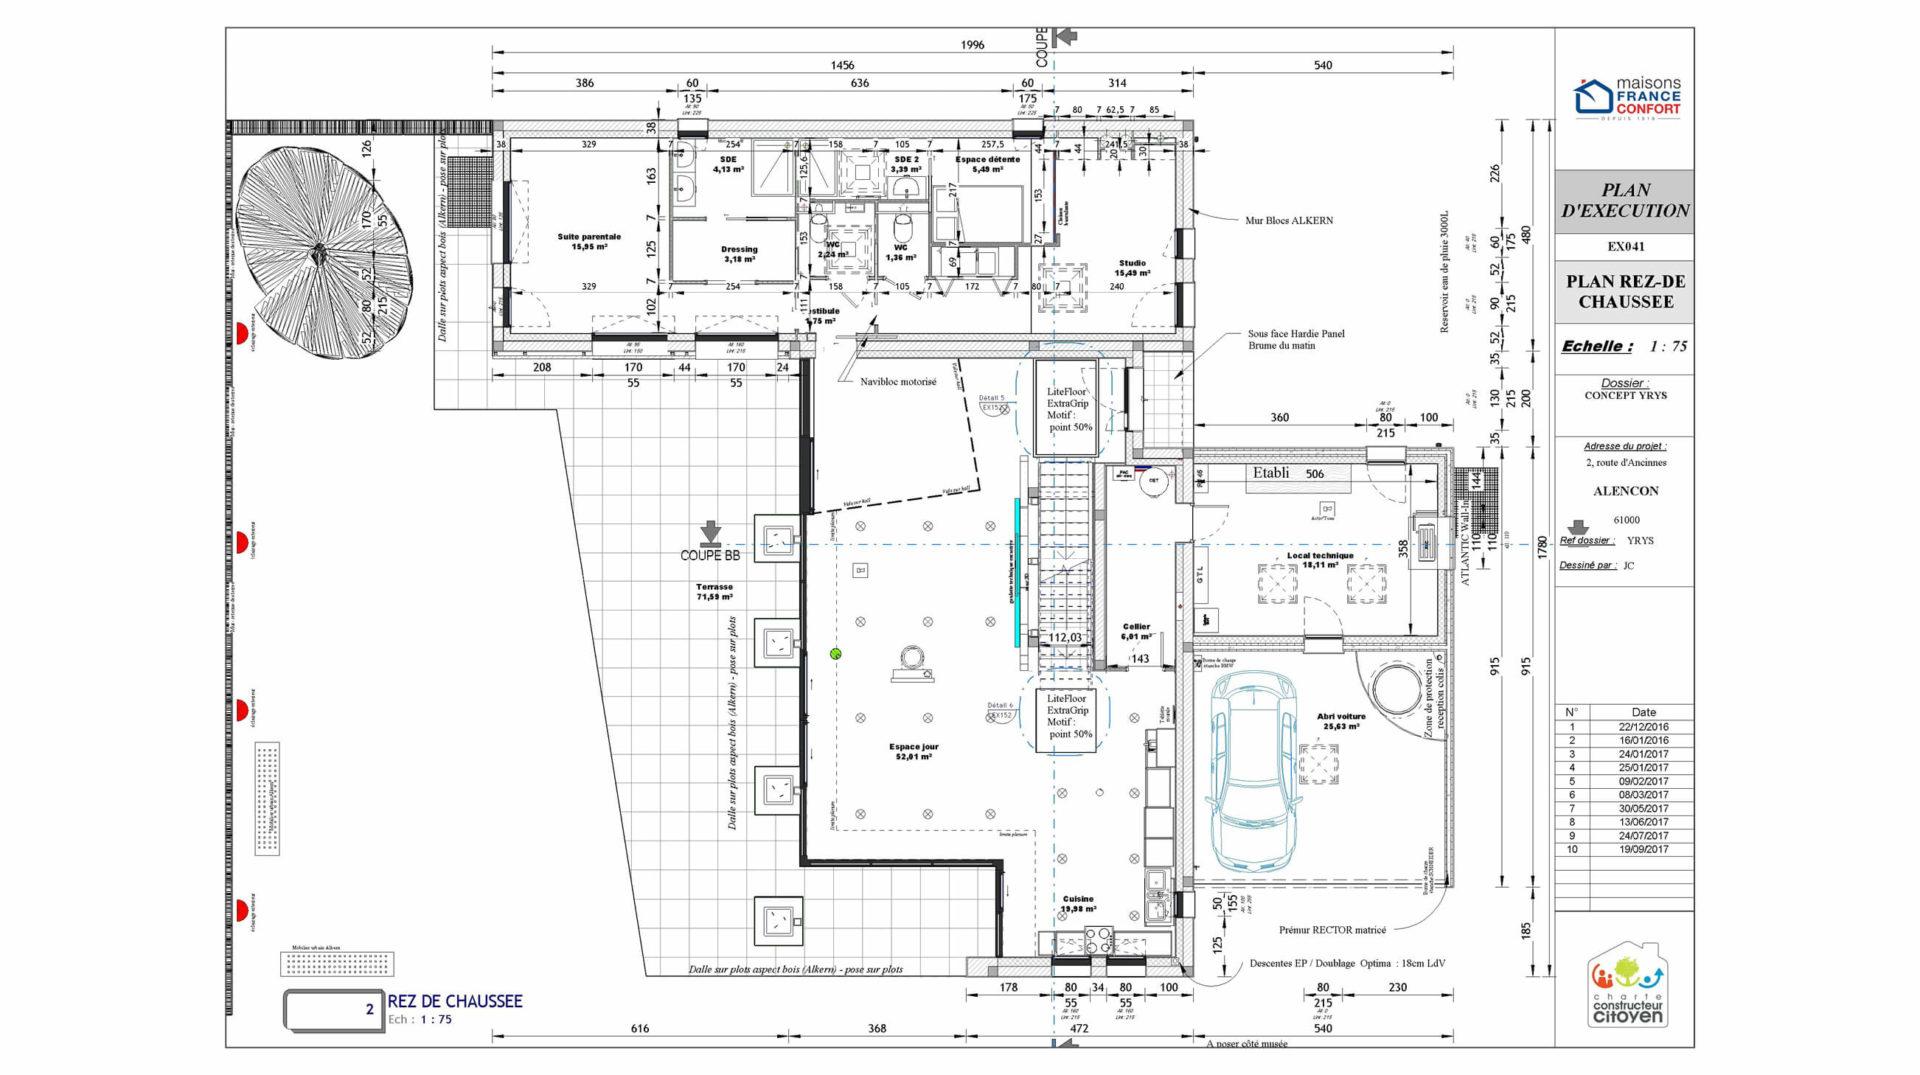 plan d'exécution de maison